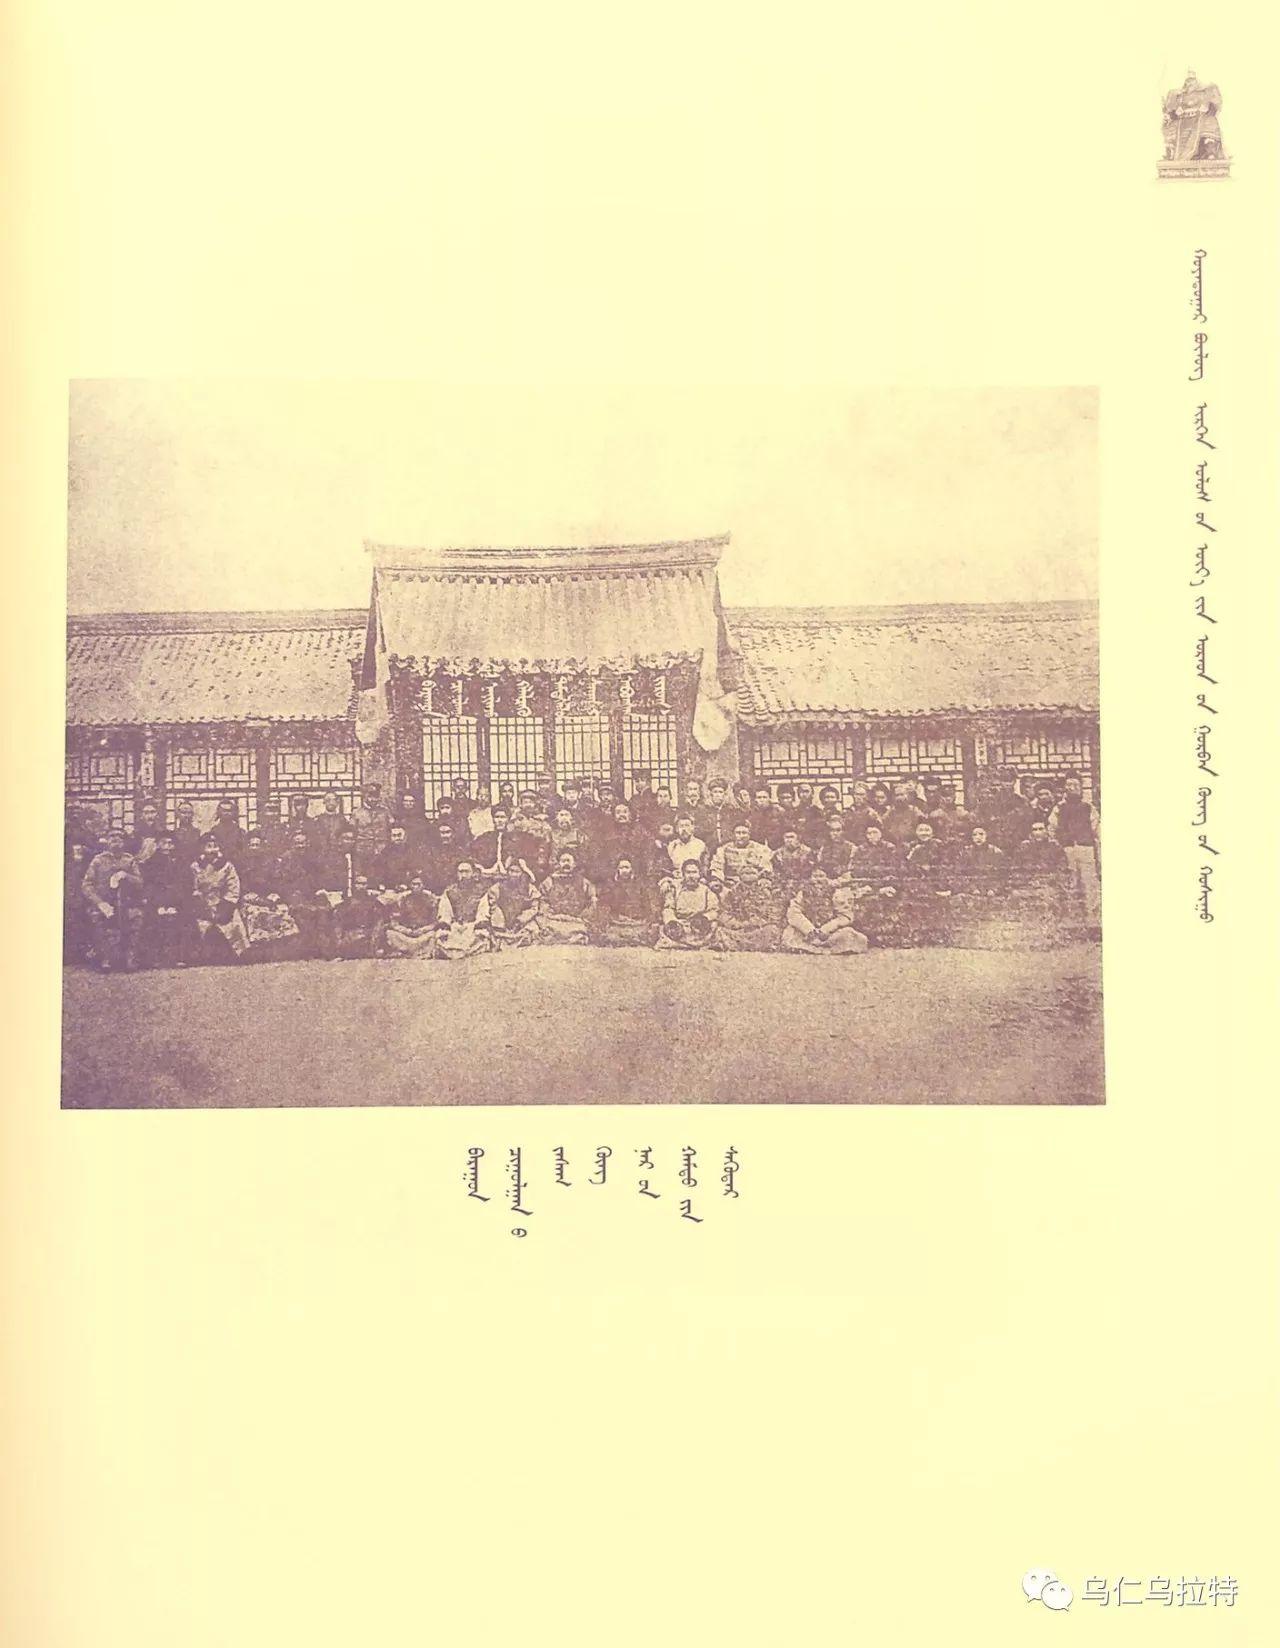 图书介绍《乌拉特历史文化》 第35张